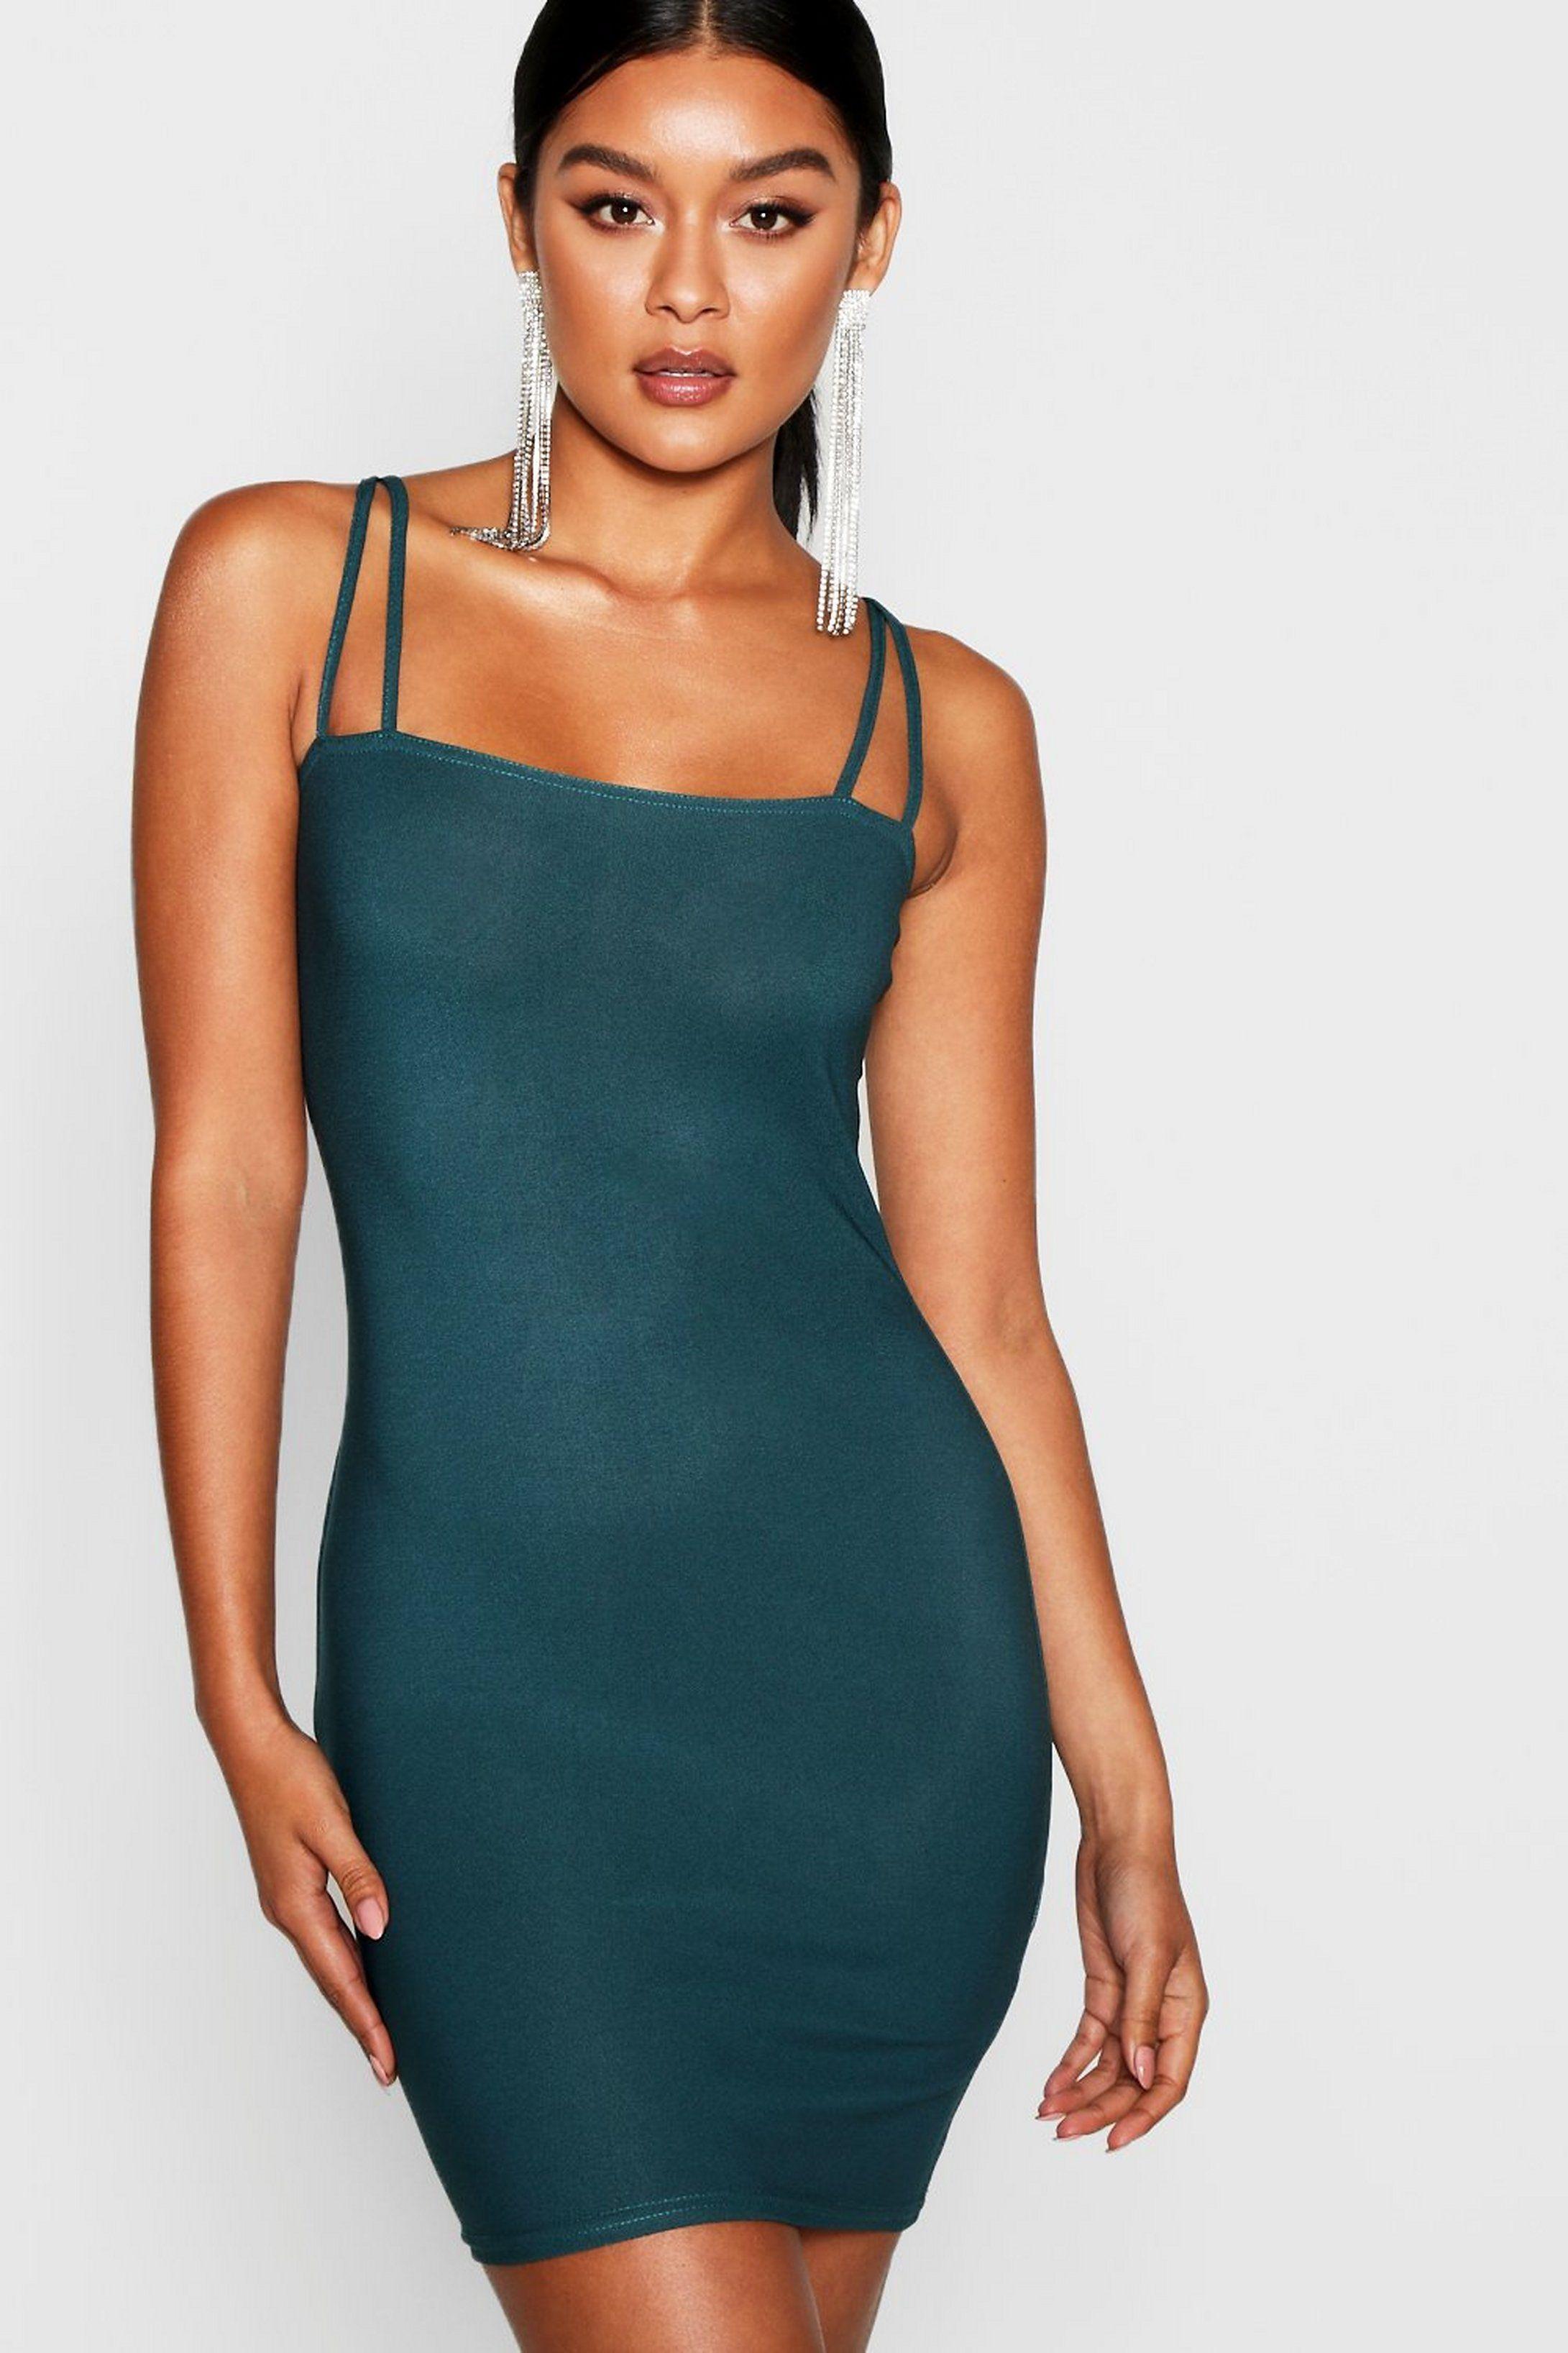 Square Neck Cross Strappy Bodycon Dress Boohoo In 2021 Bodycon Dress Bodycon Fashion Dresses [ 3272 x 2181 Pixel ]